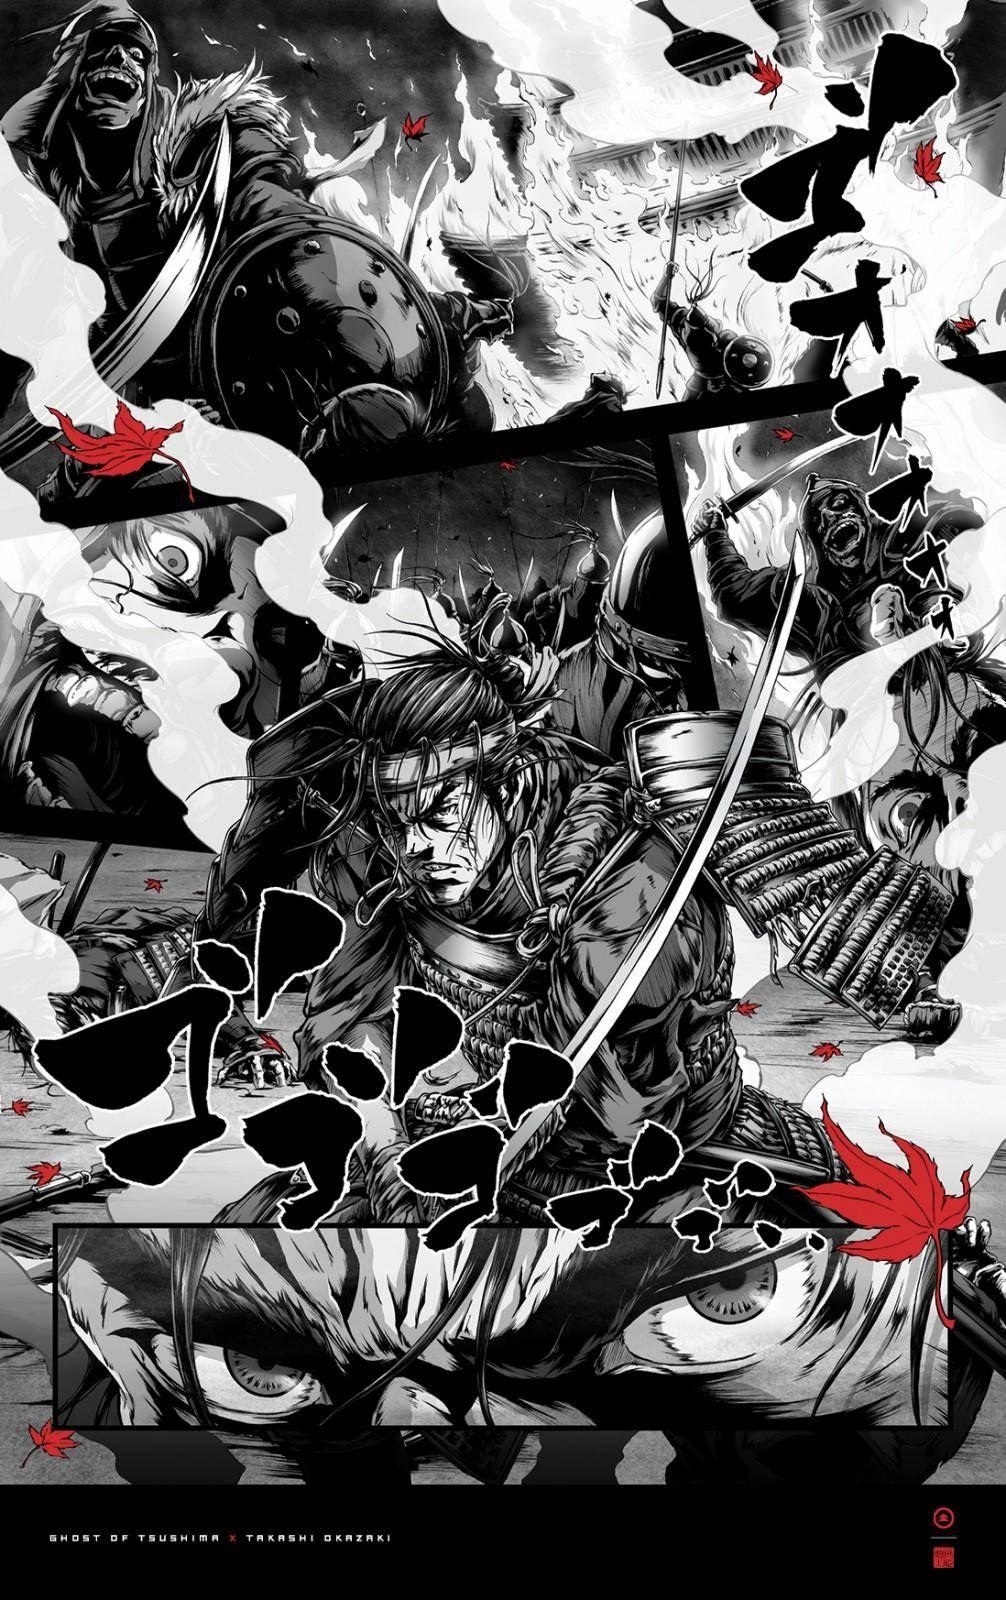 Ghost of Tsushima: Descarga estos 4 pósters especiales gratis 4